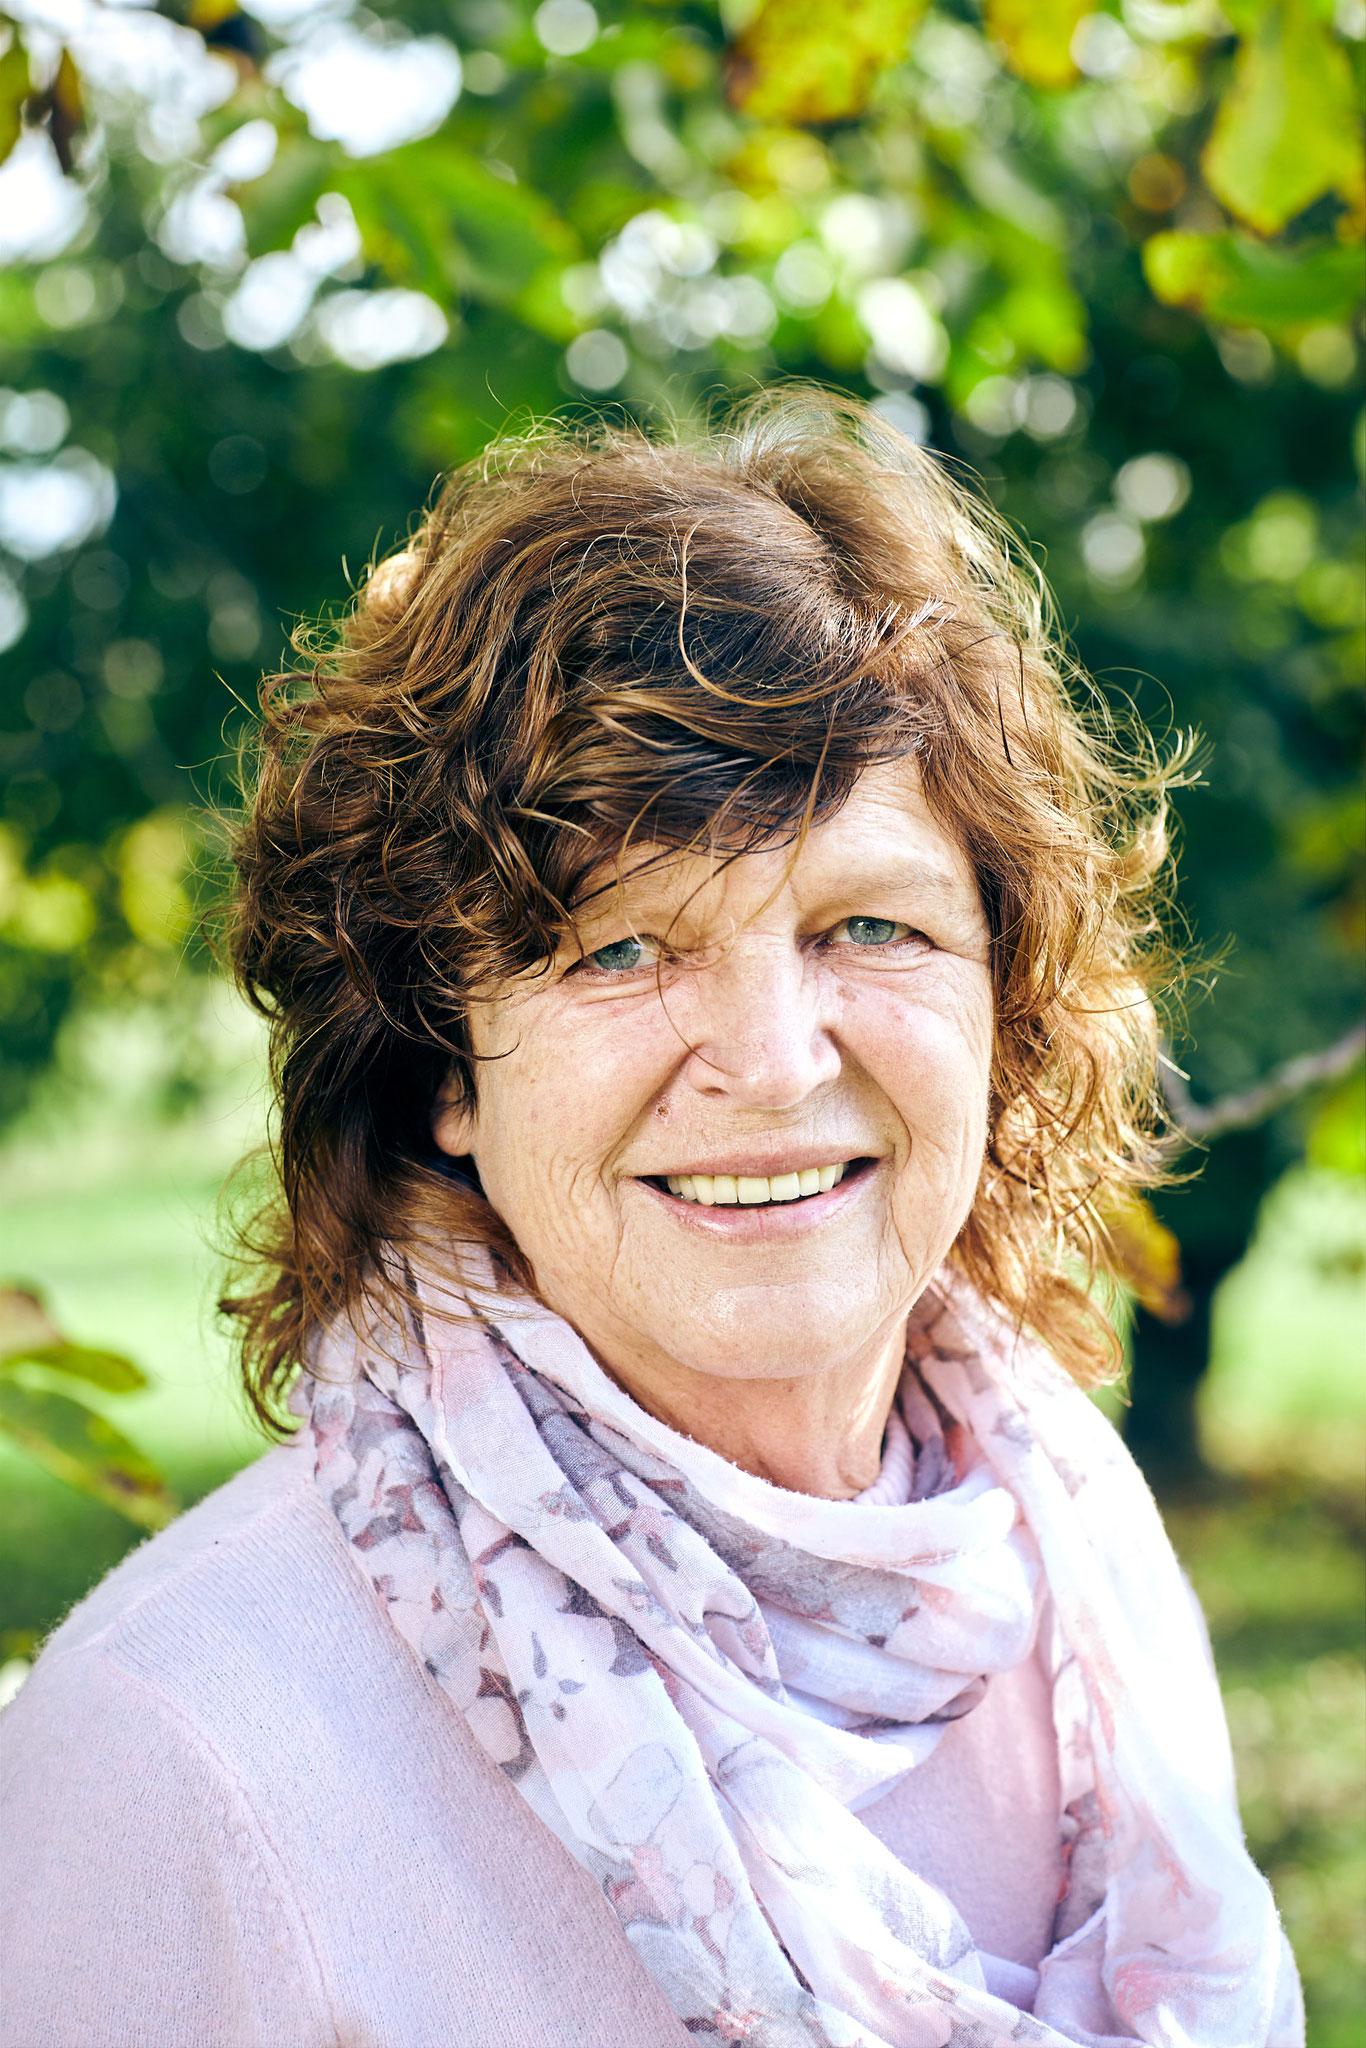 Erna Platzer - die gute Seele rund um unseren Hof - hält Leib und Seelen als ausgezeichnete Köchin beieinander verantwortlich für unseren blumigen Schmuck